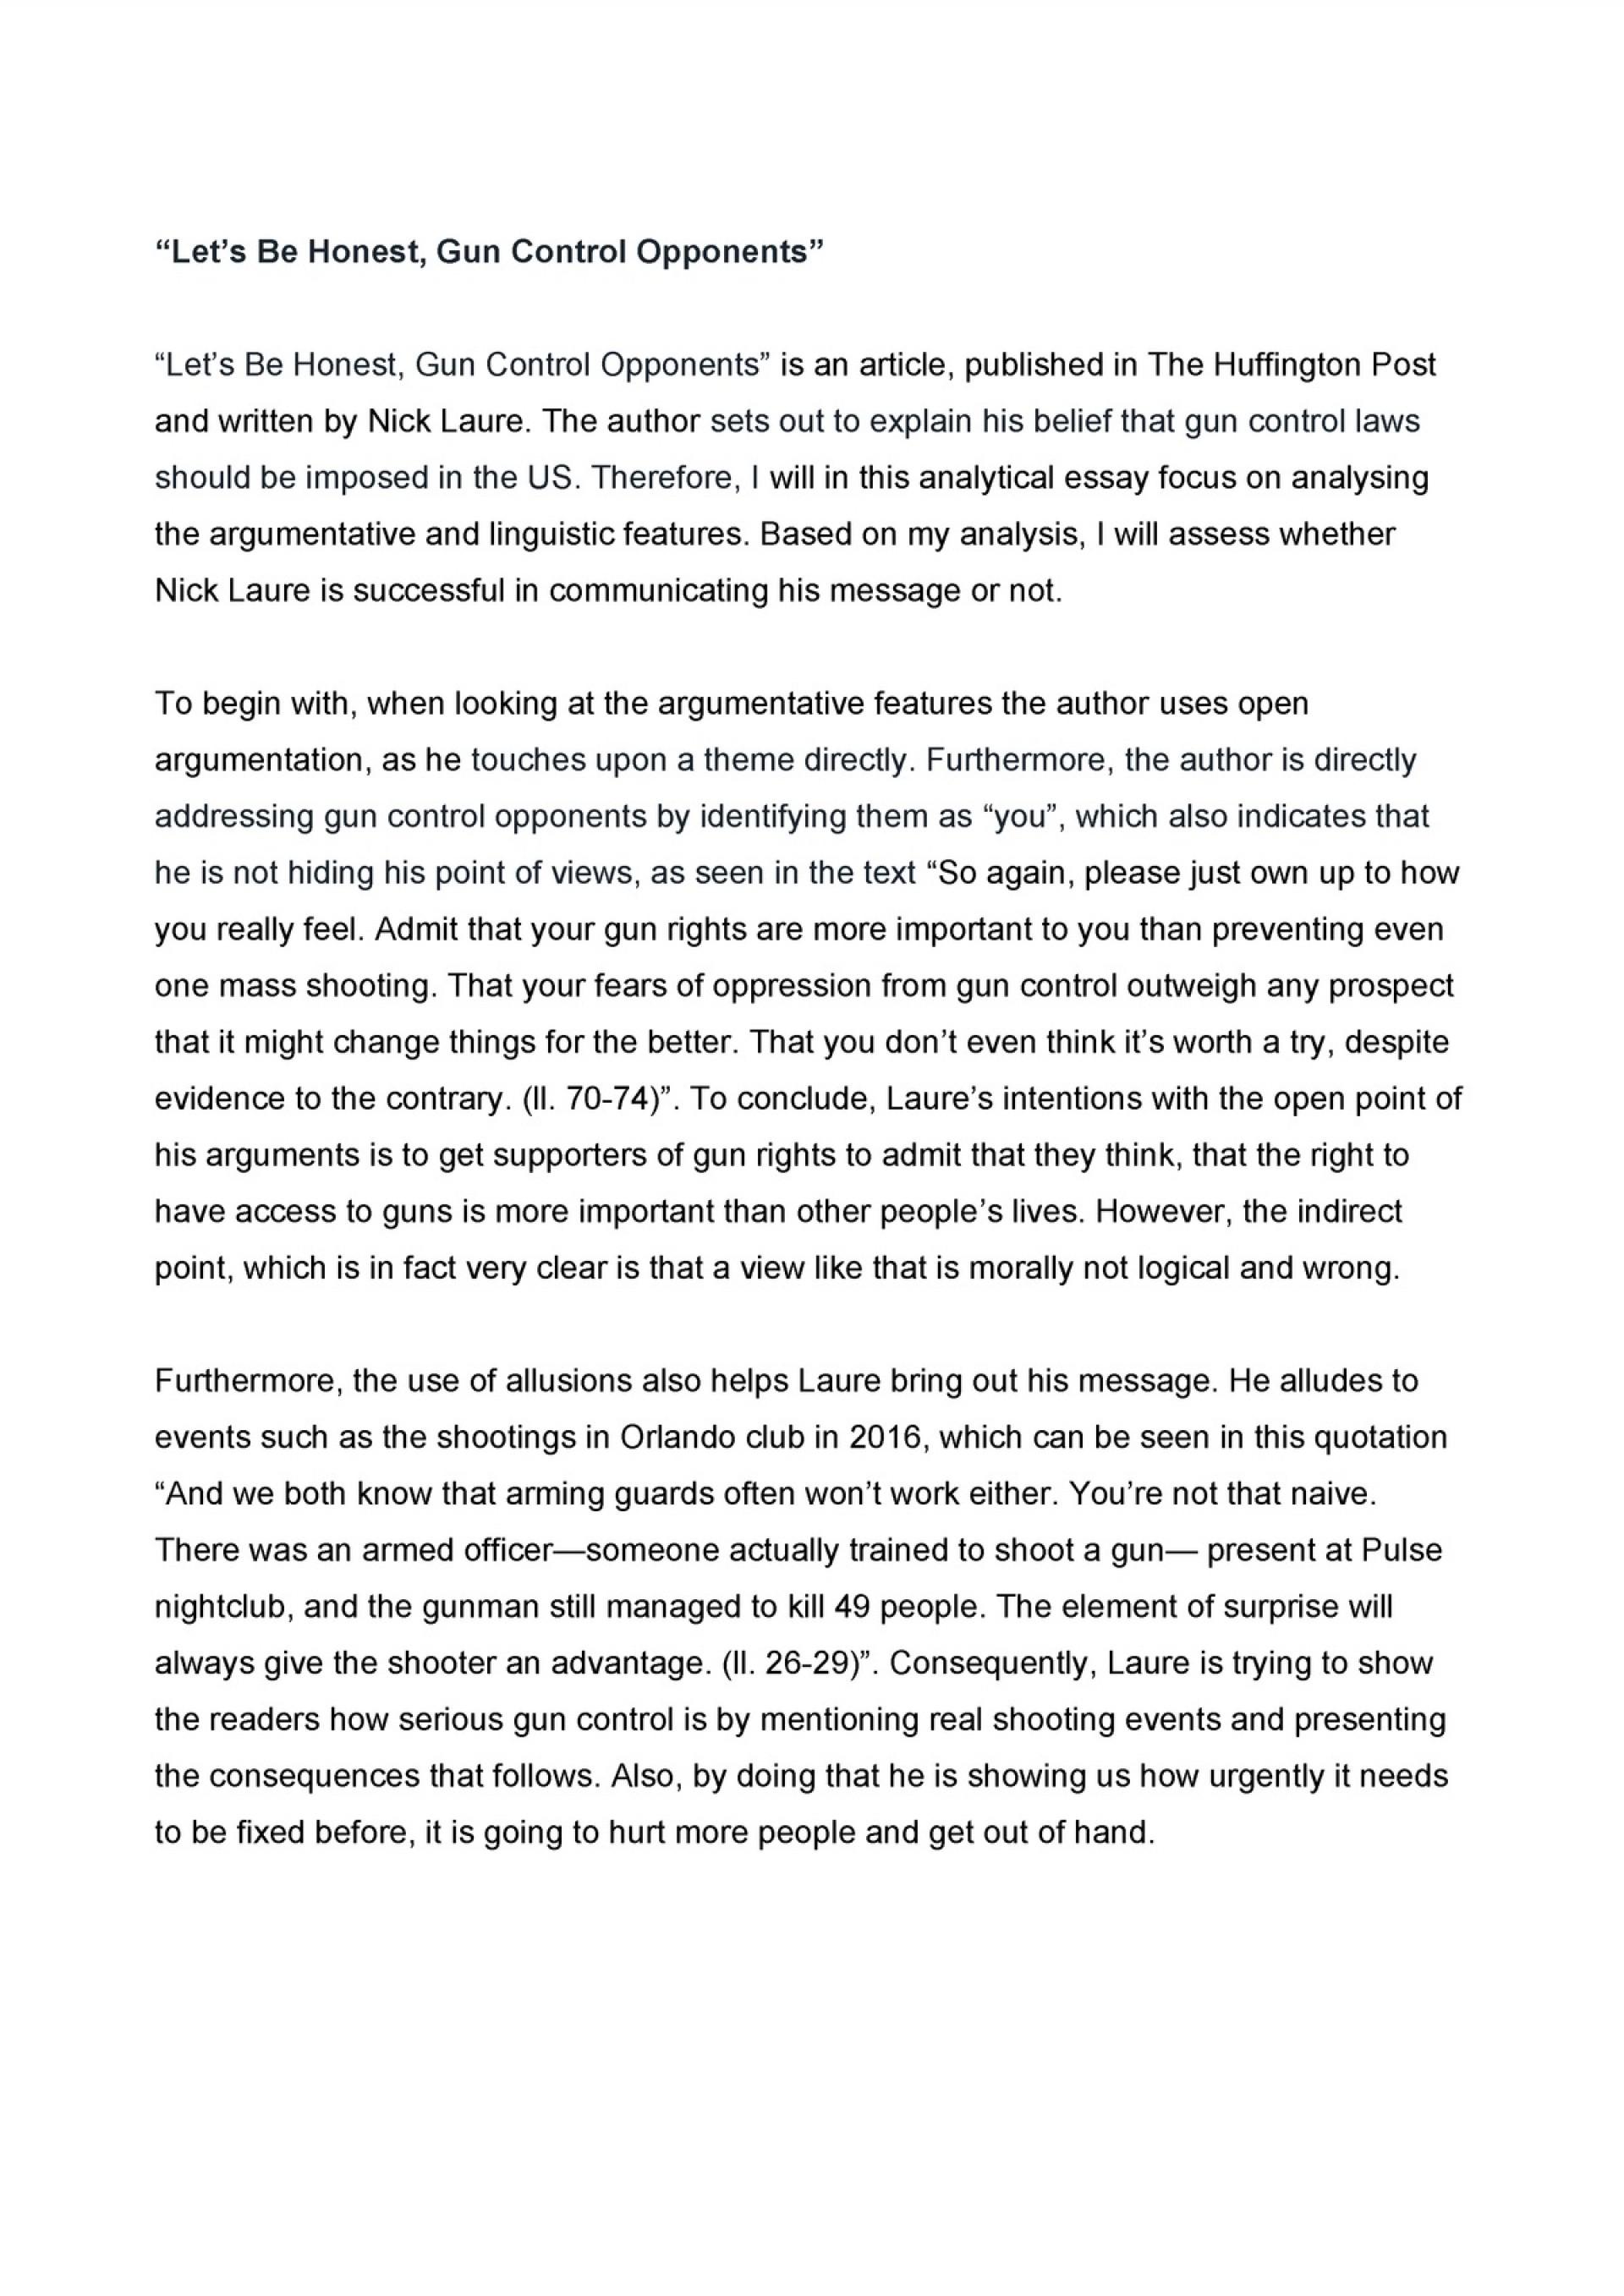 006 Surprising Gun Control Essay Idea  Anti Thesi Example Argumentative Title1920